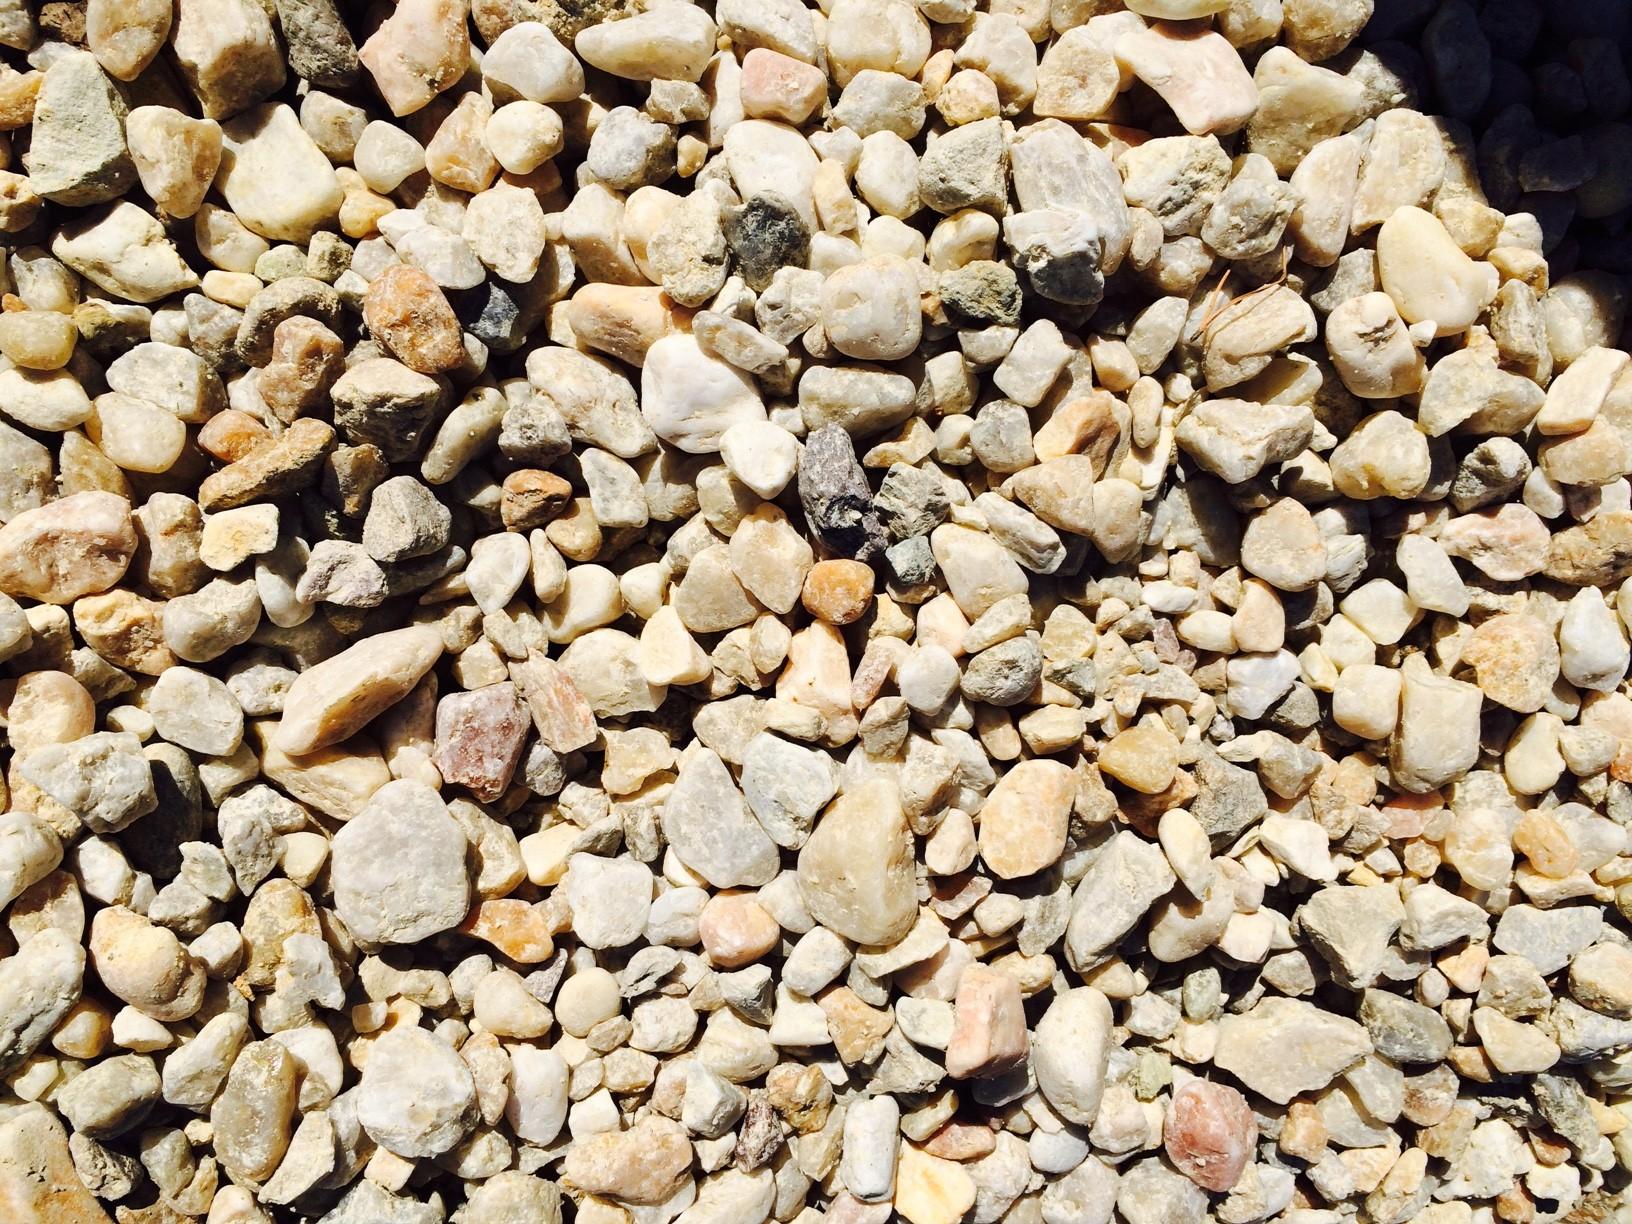 landscape wedorox rock colors decor gravel com choices decorative